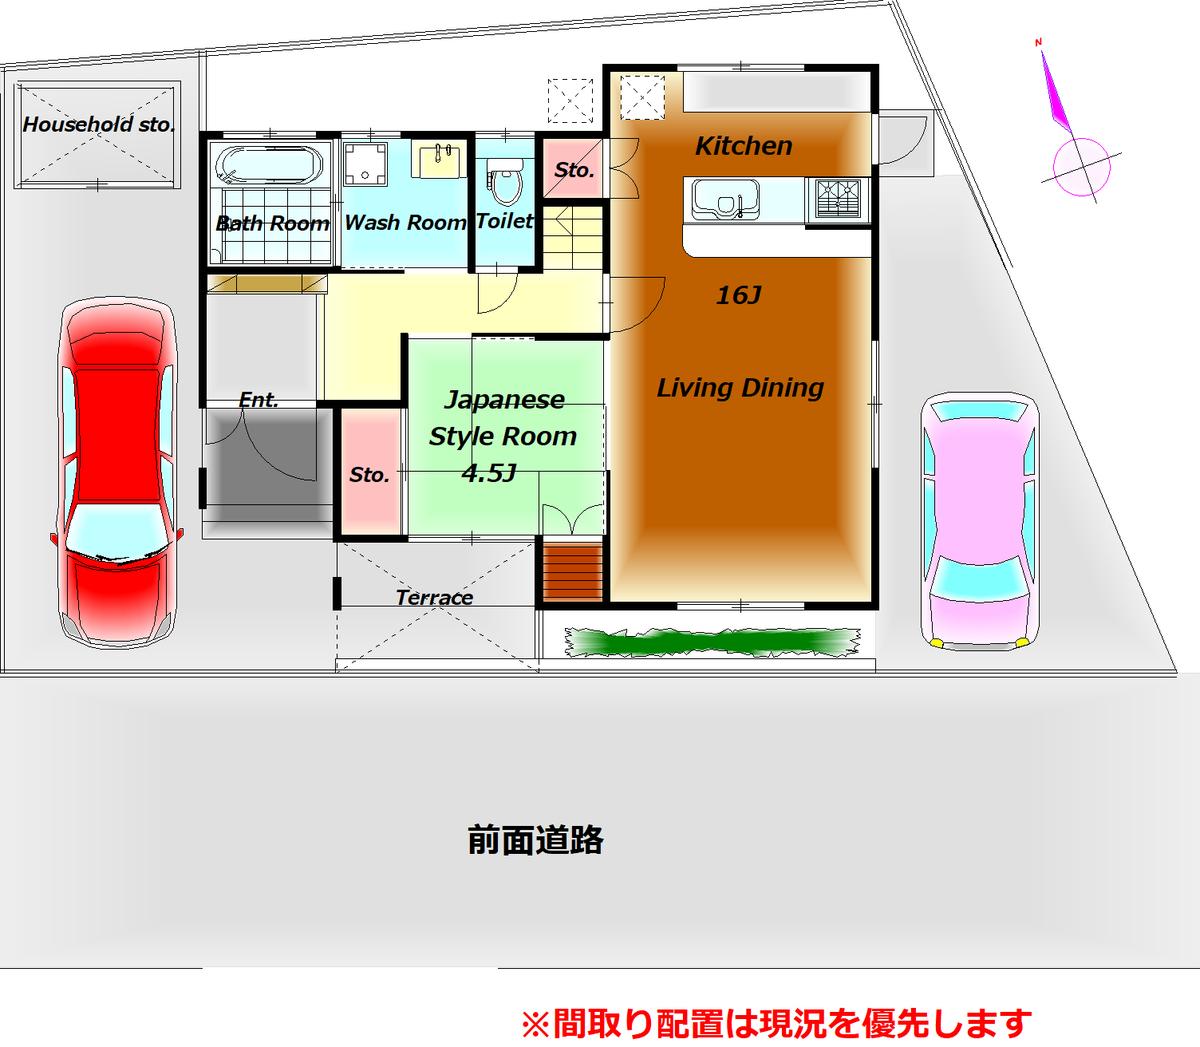 f:id:r-s-nishi-nihon-h:20210505102142j:plain